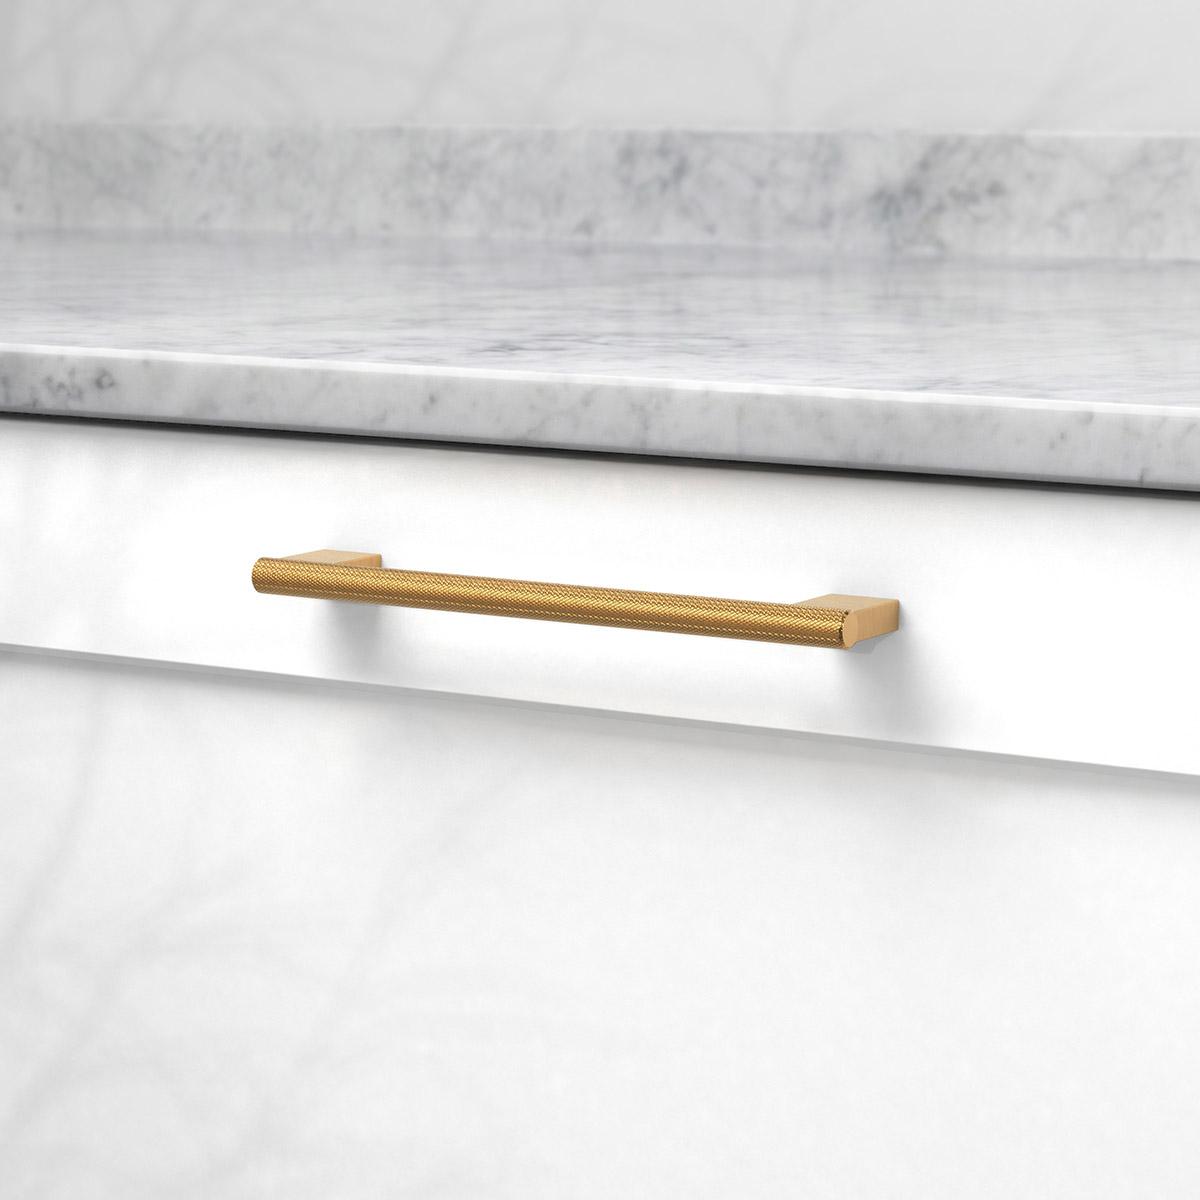 Handtag graf mini massing 370230 11 cc 160 mm ncs s 0300 n marmor carrara